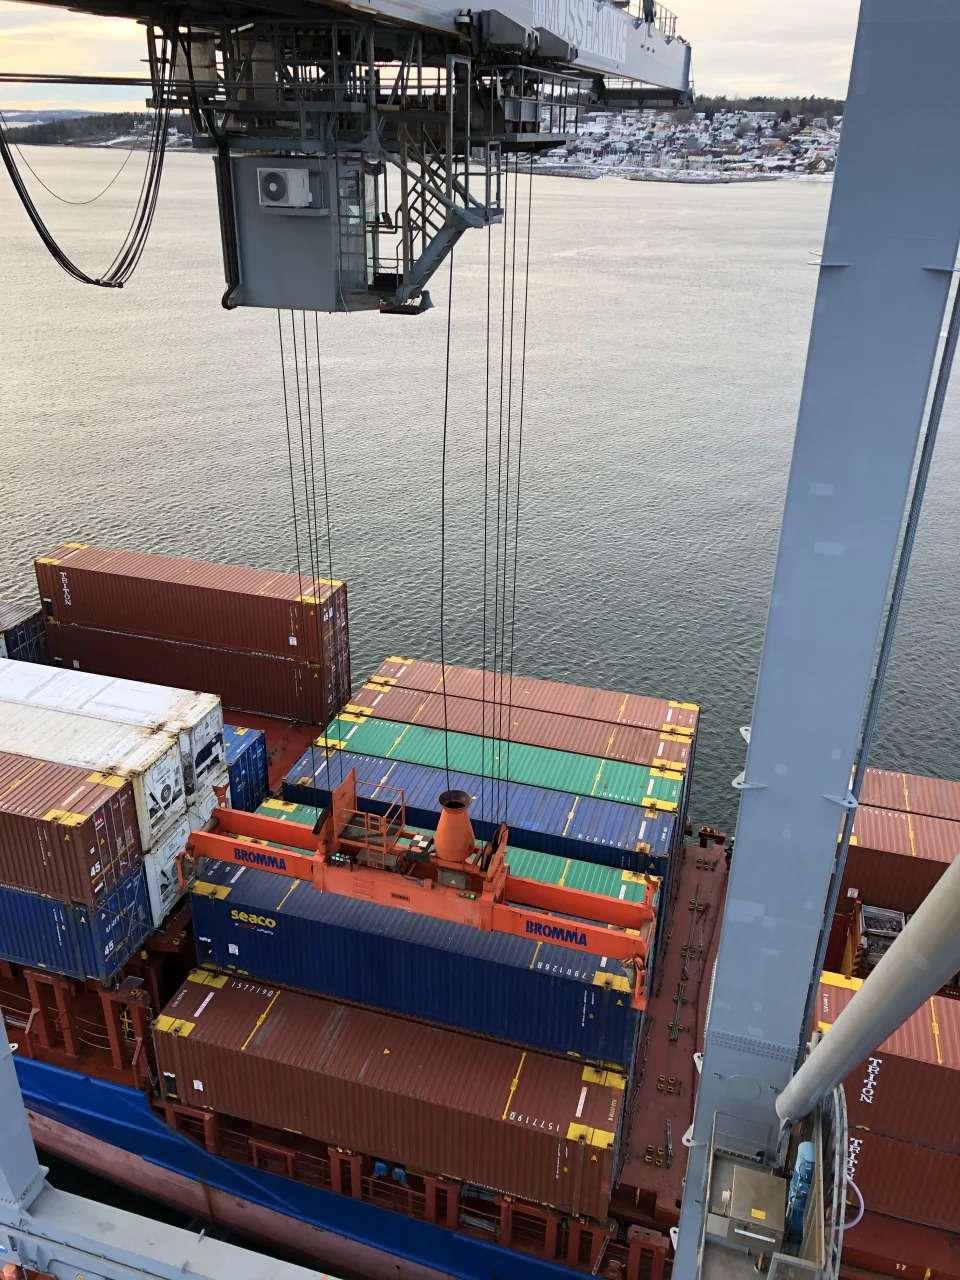 Kran og containere på havnen